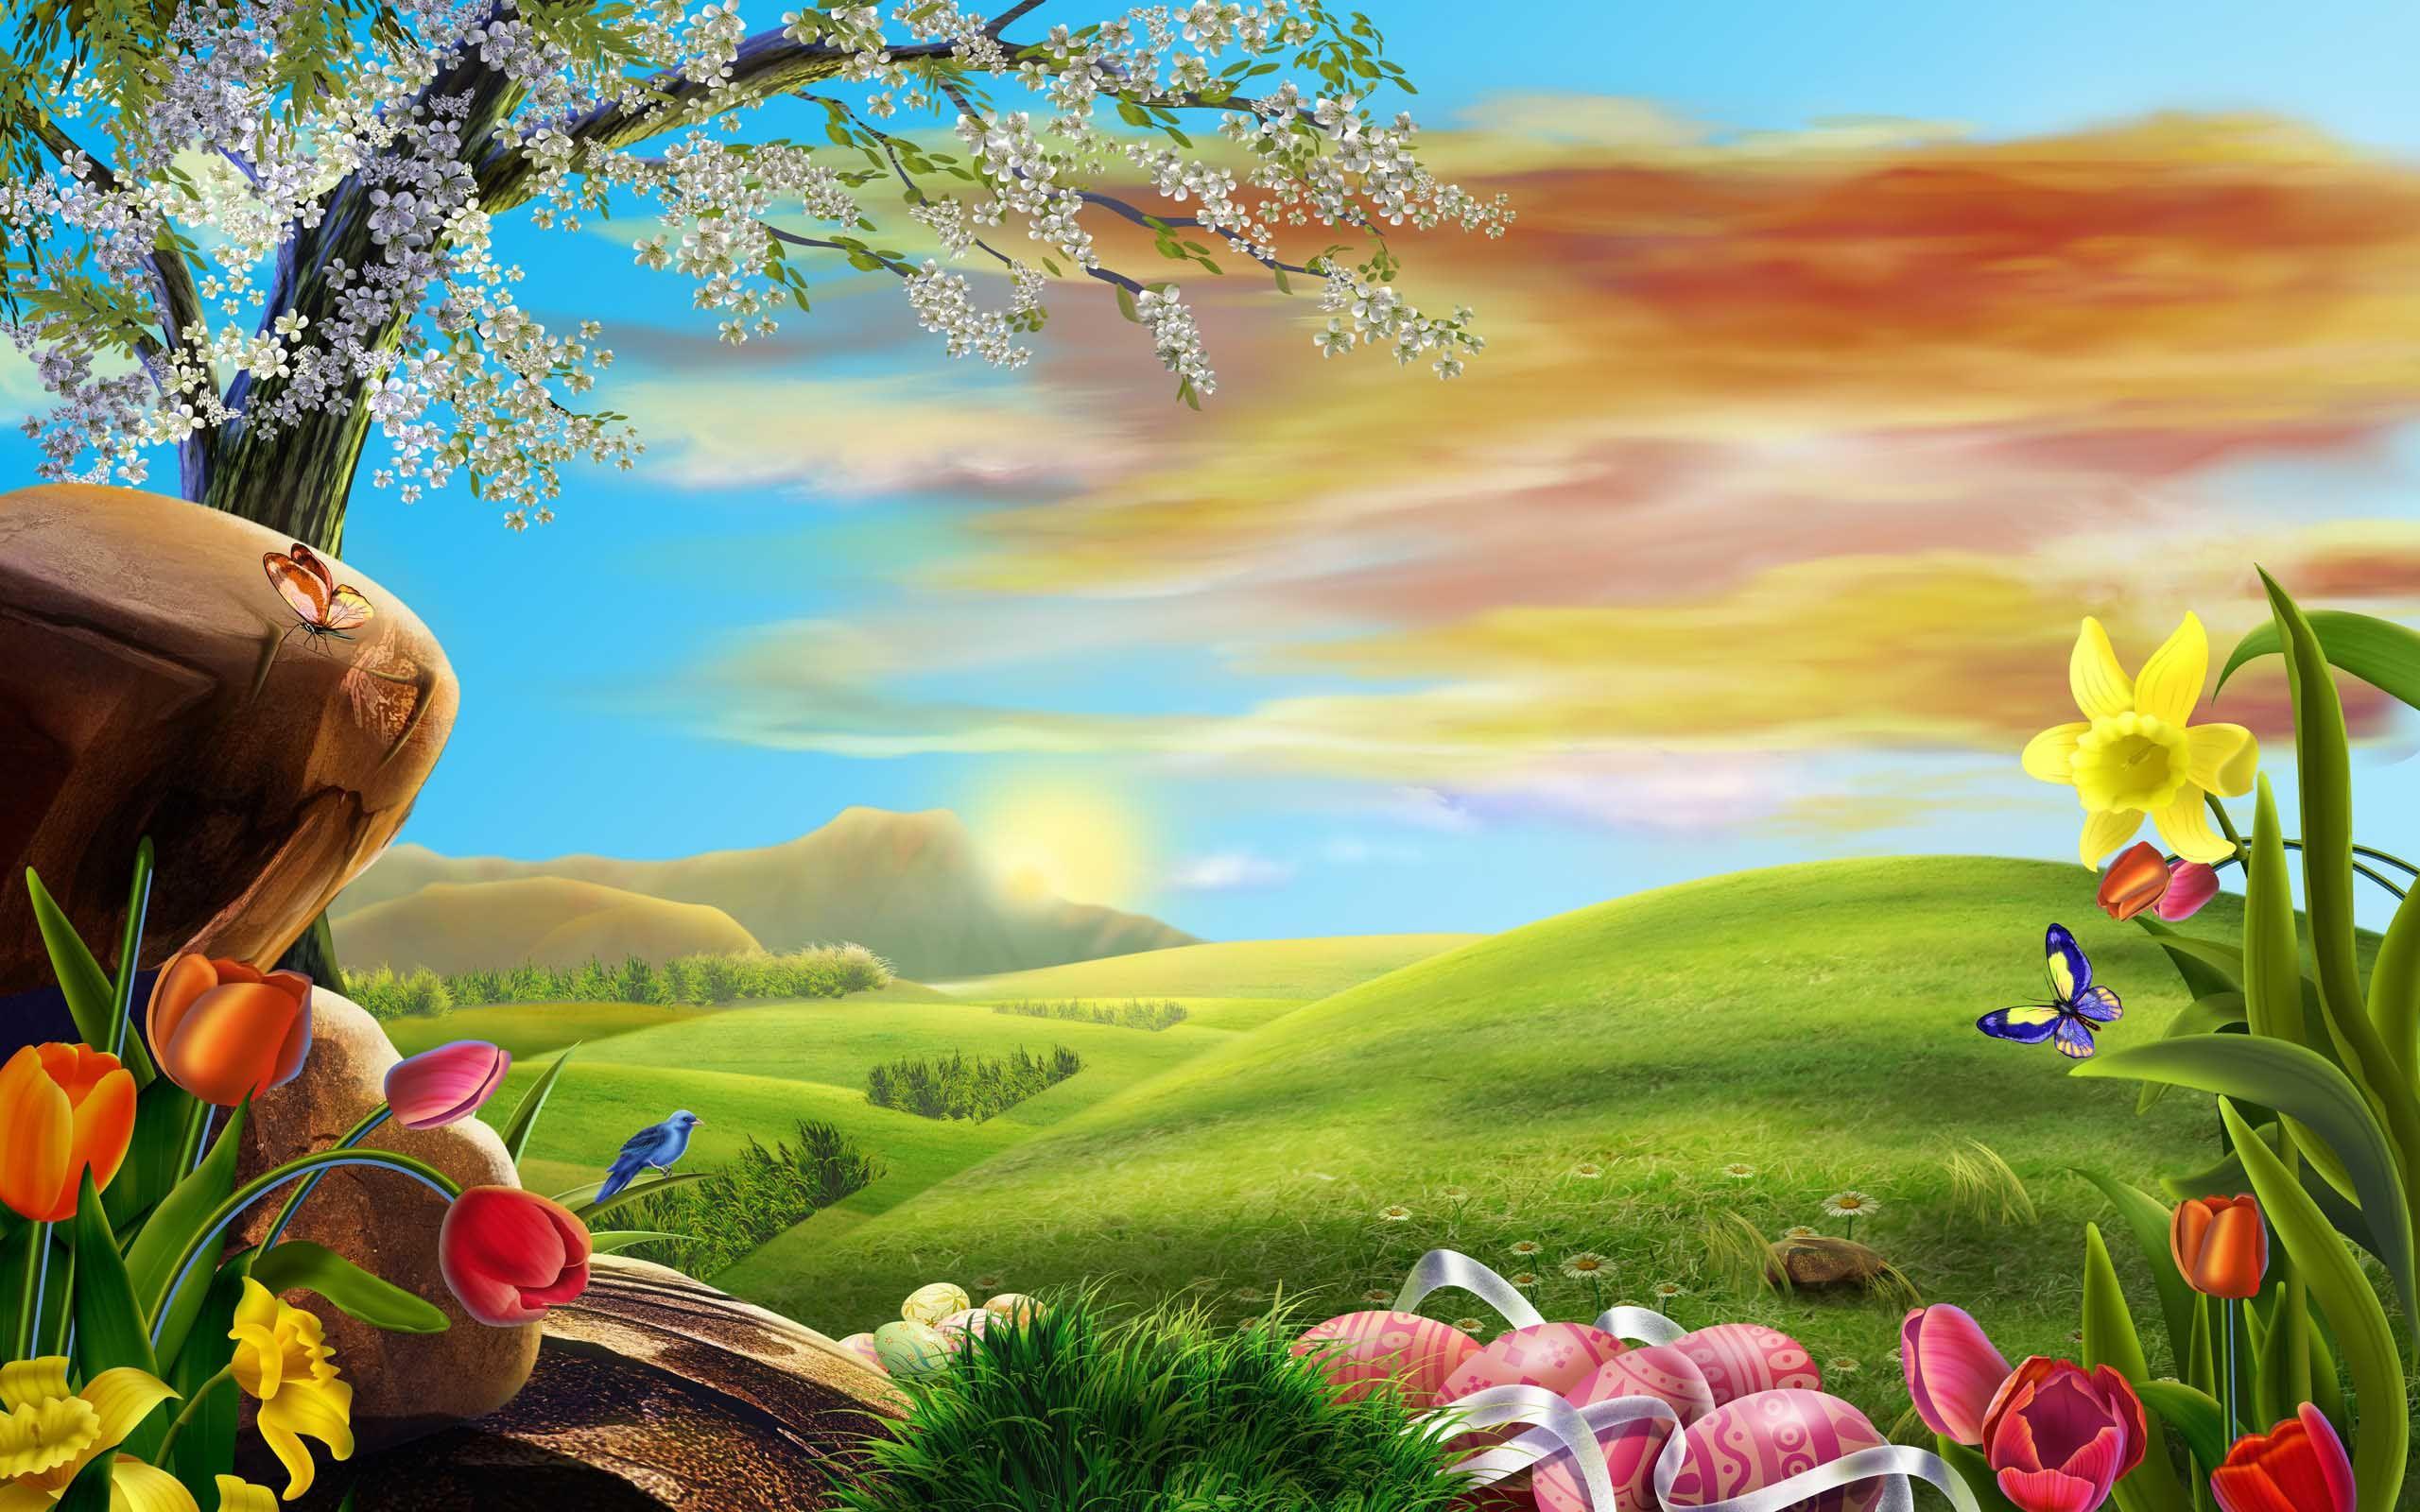 Beautiful Background Images Nature Pemandangan Gambar Matahari Terbenam